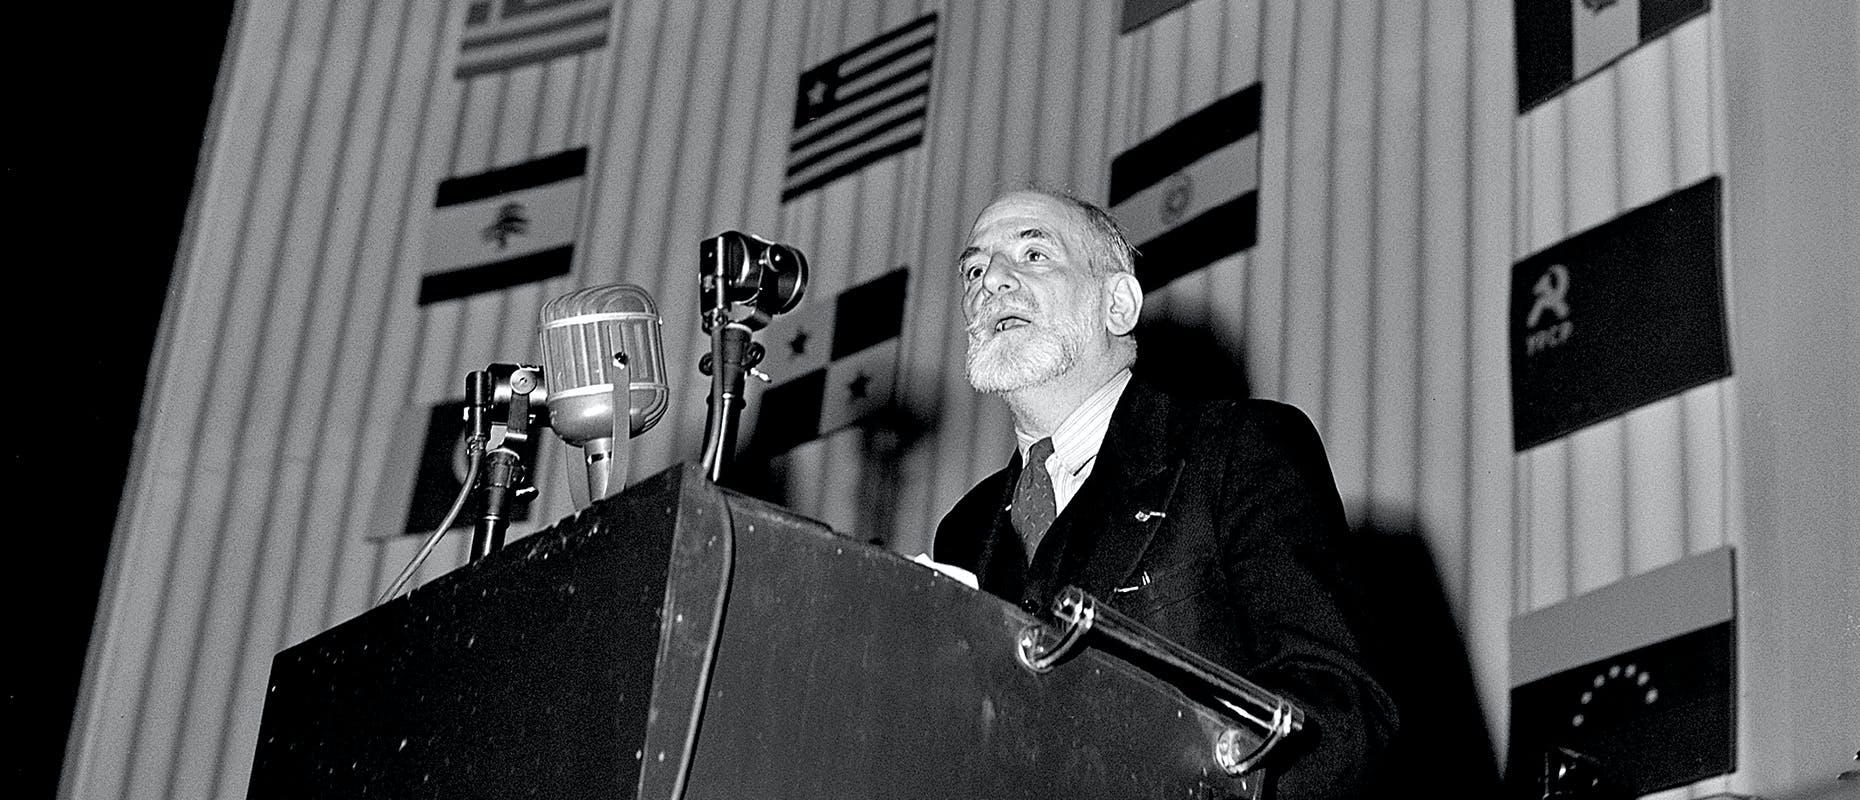 René Cassin à l'AG des Nations Unies du 10 décembre 1948 avant l'adoption de la Déclaration universelle de droits de l'homme